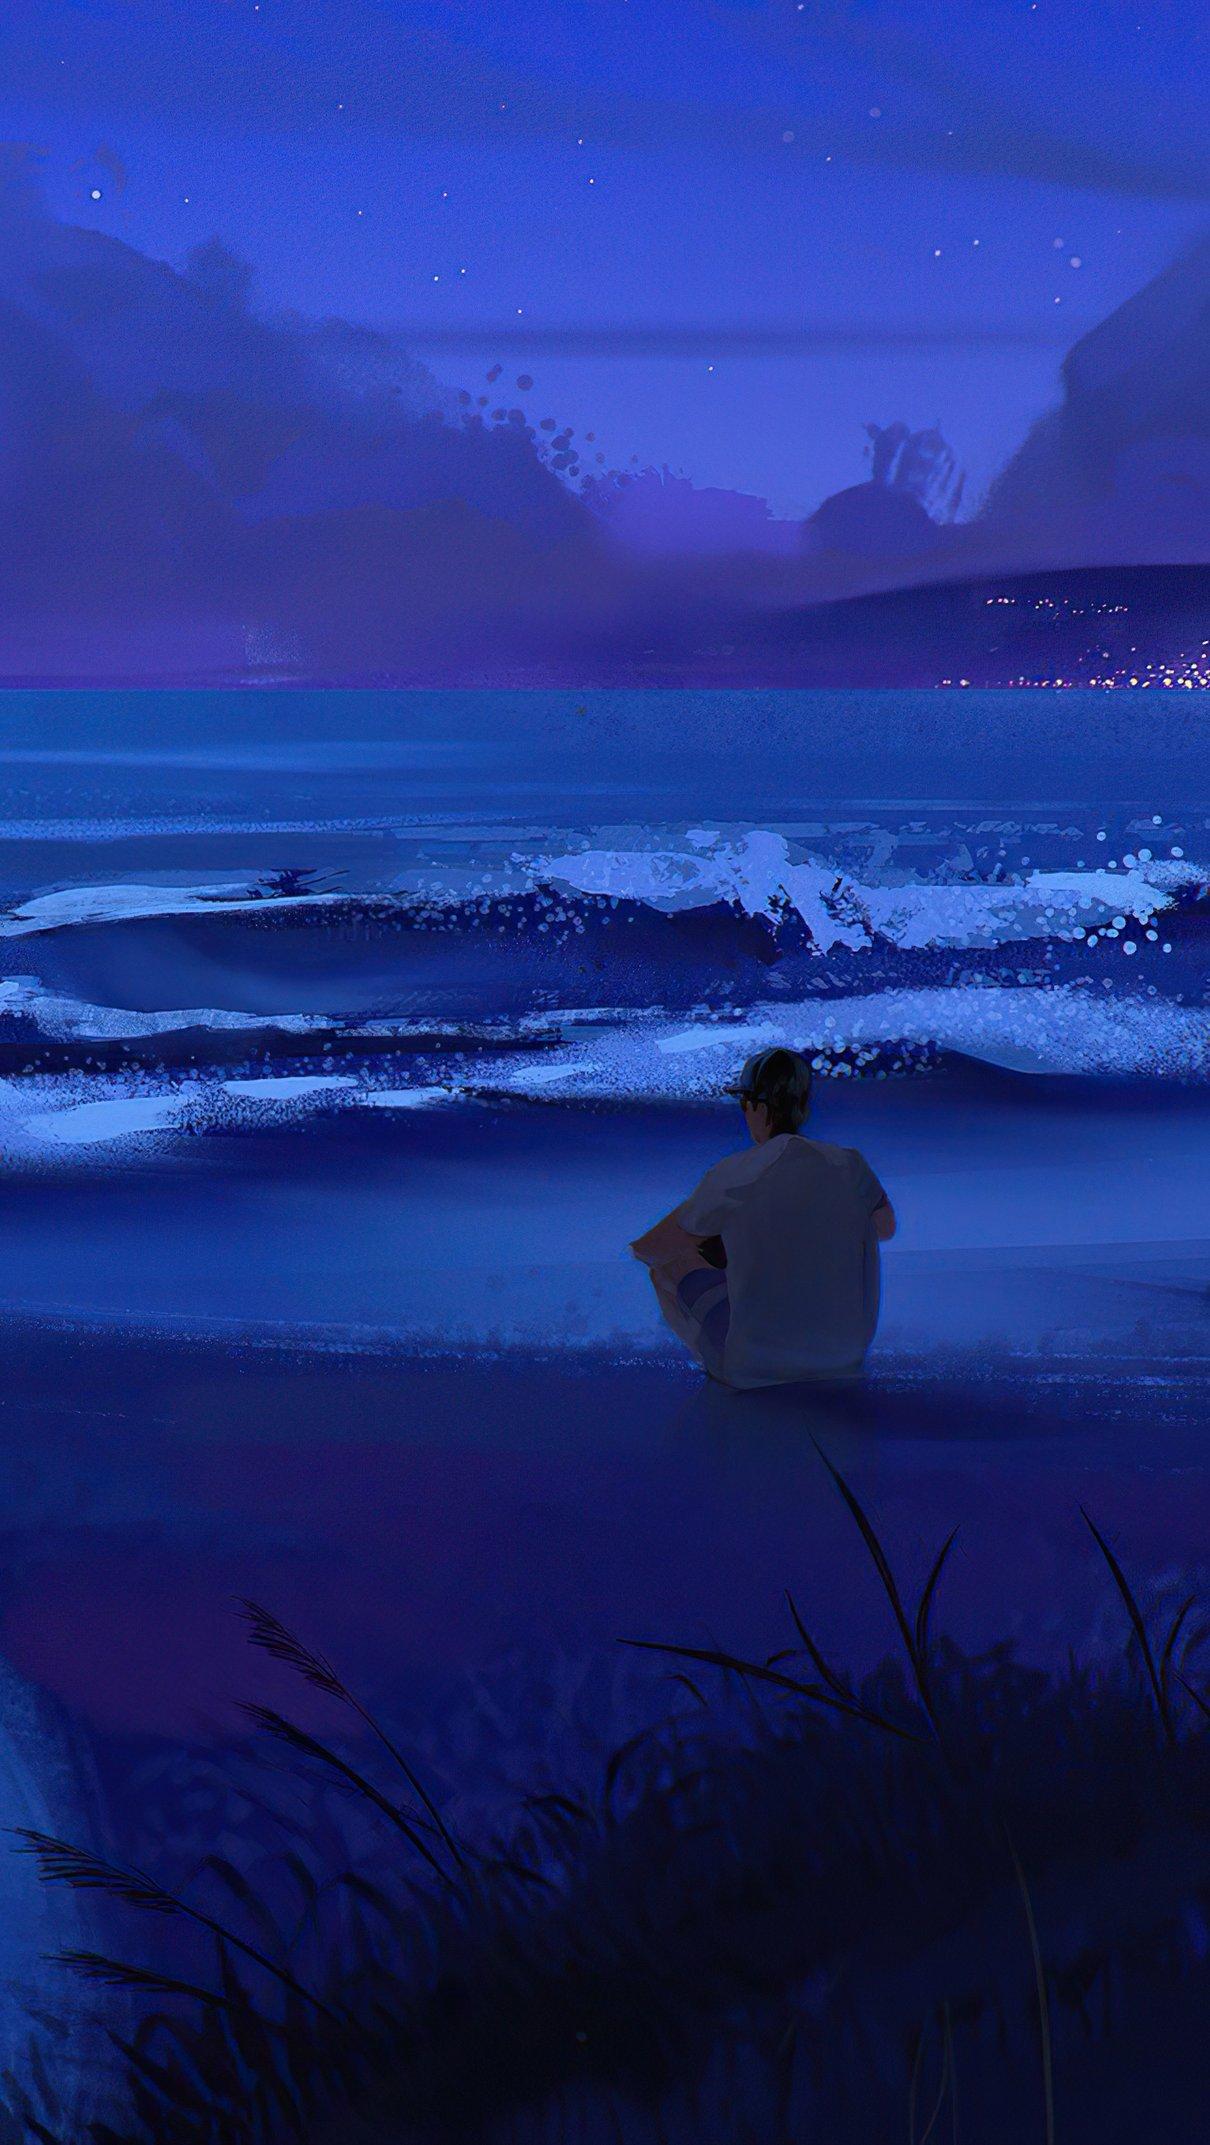 Fondos de pantalla Chico mirando las olas Arte Digital Vertical